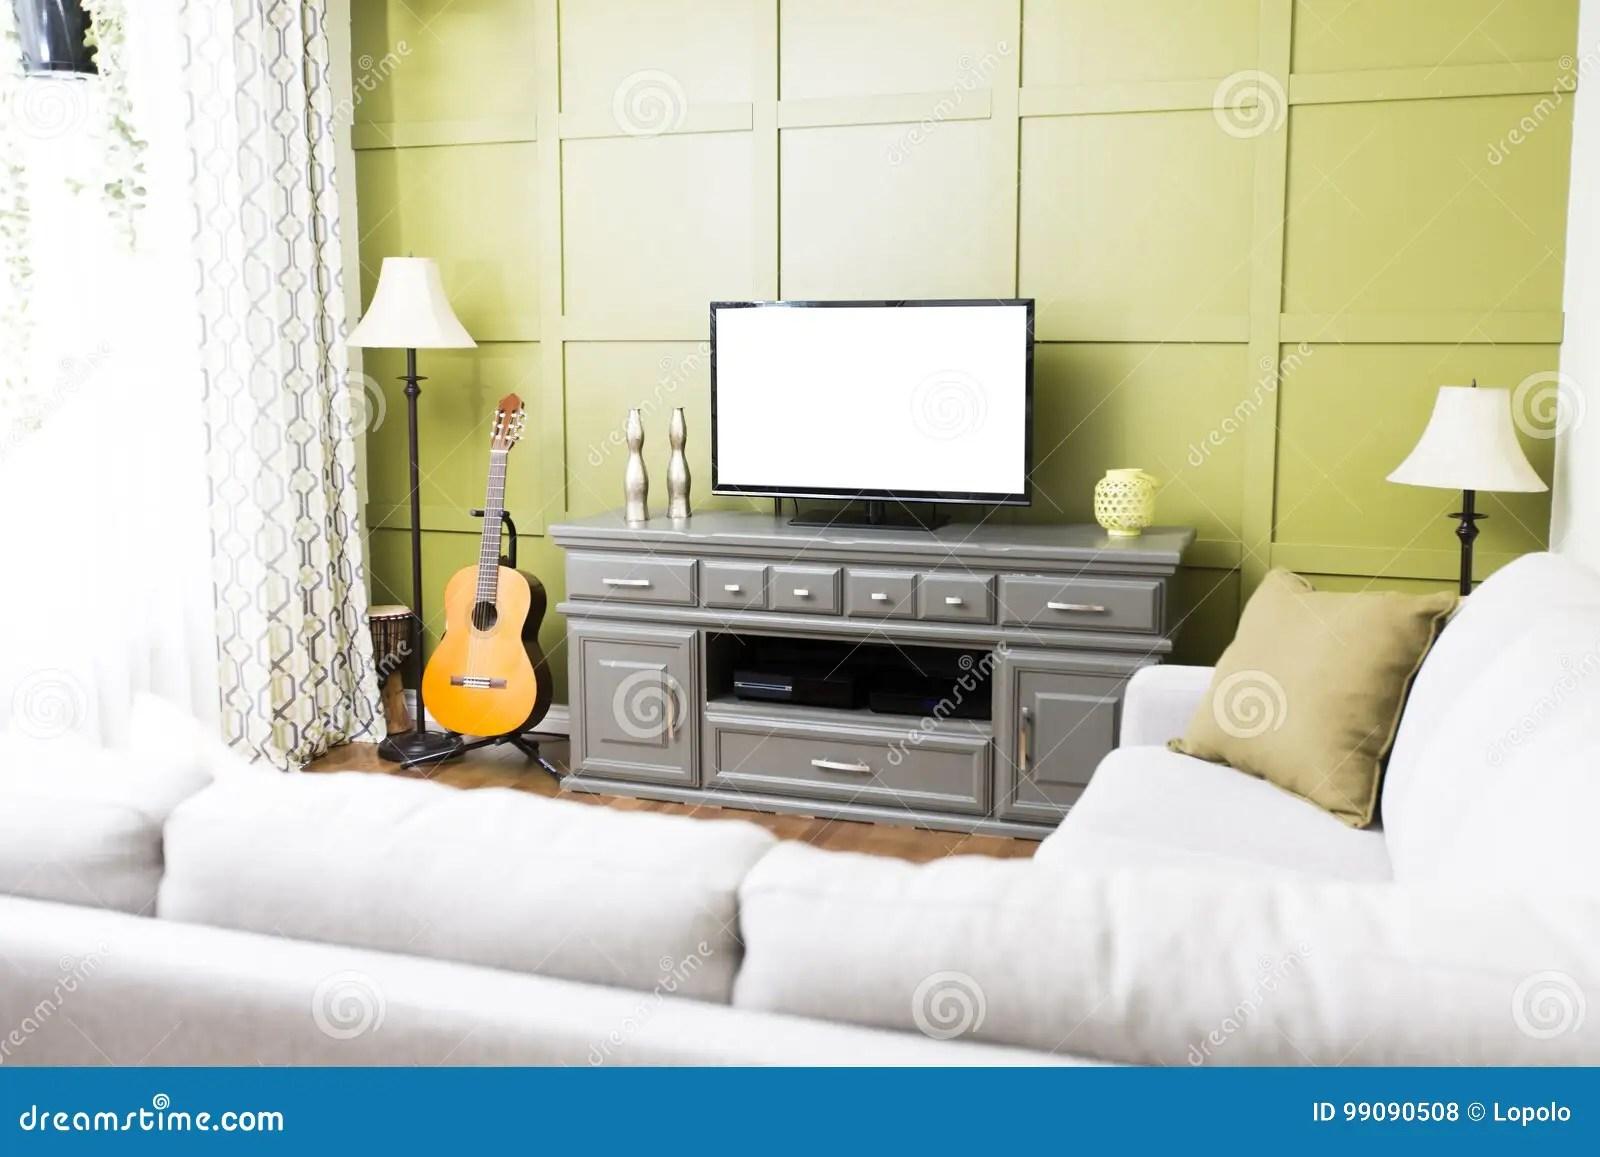 https fr dreamstime com photo stock petit salon moderne exposition maison image99090508